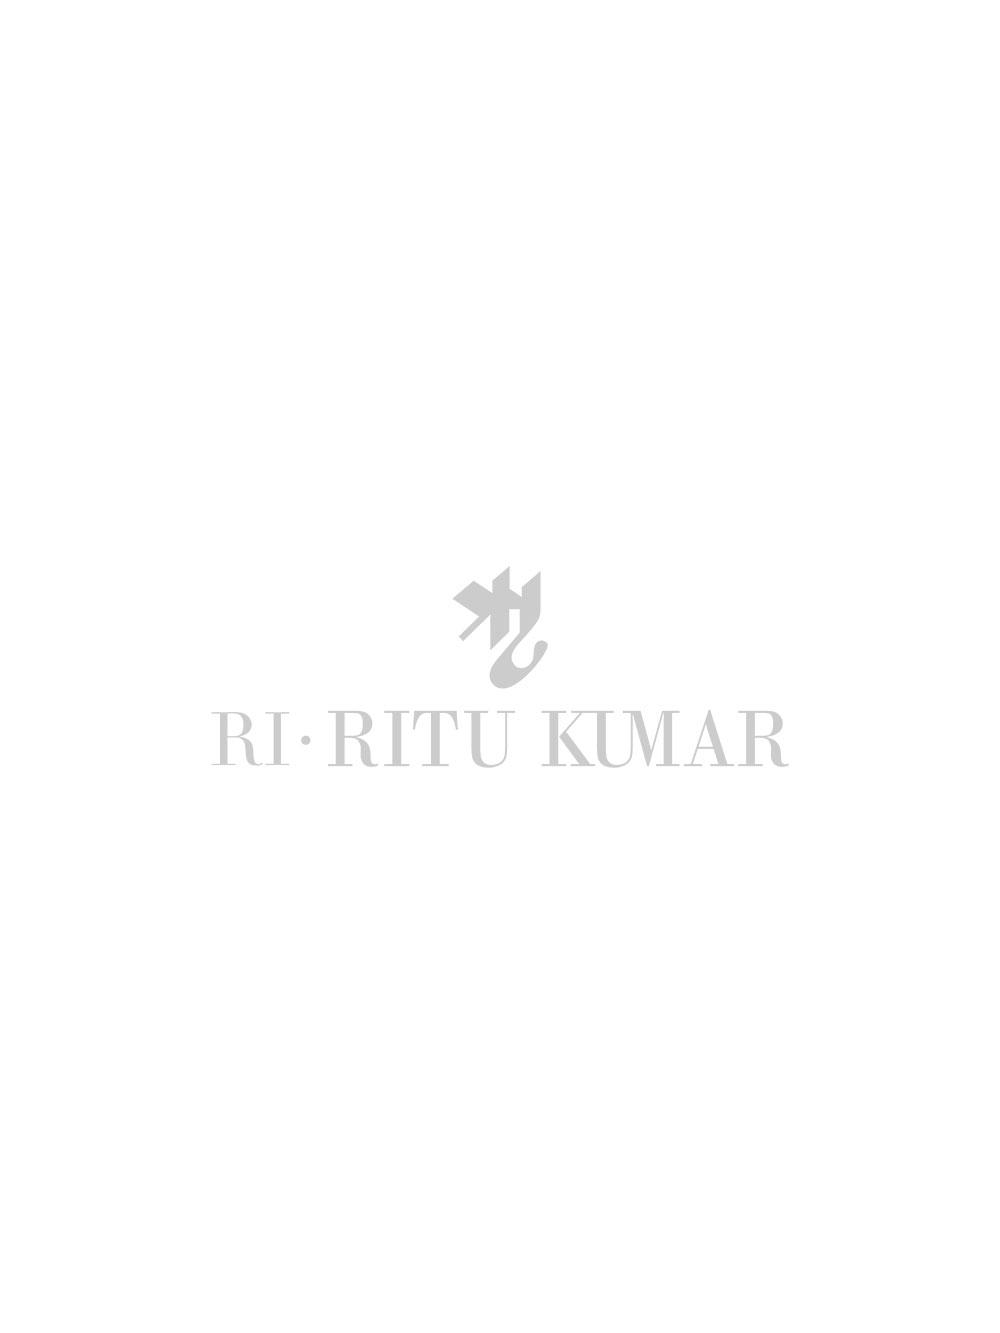 Embroidered Gown – Ritu Kumar